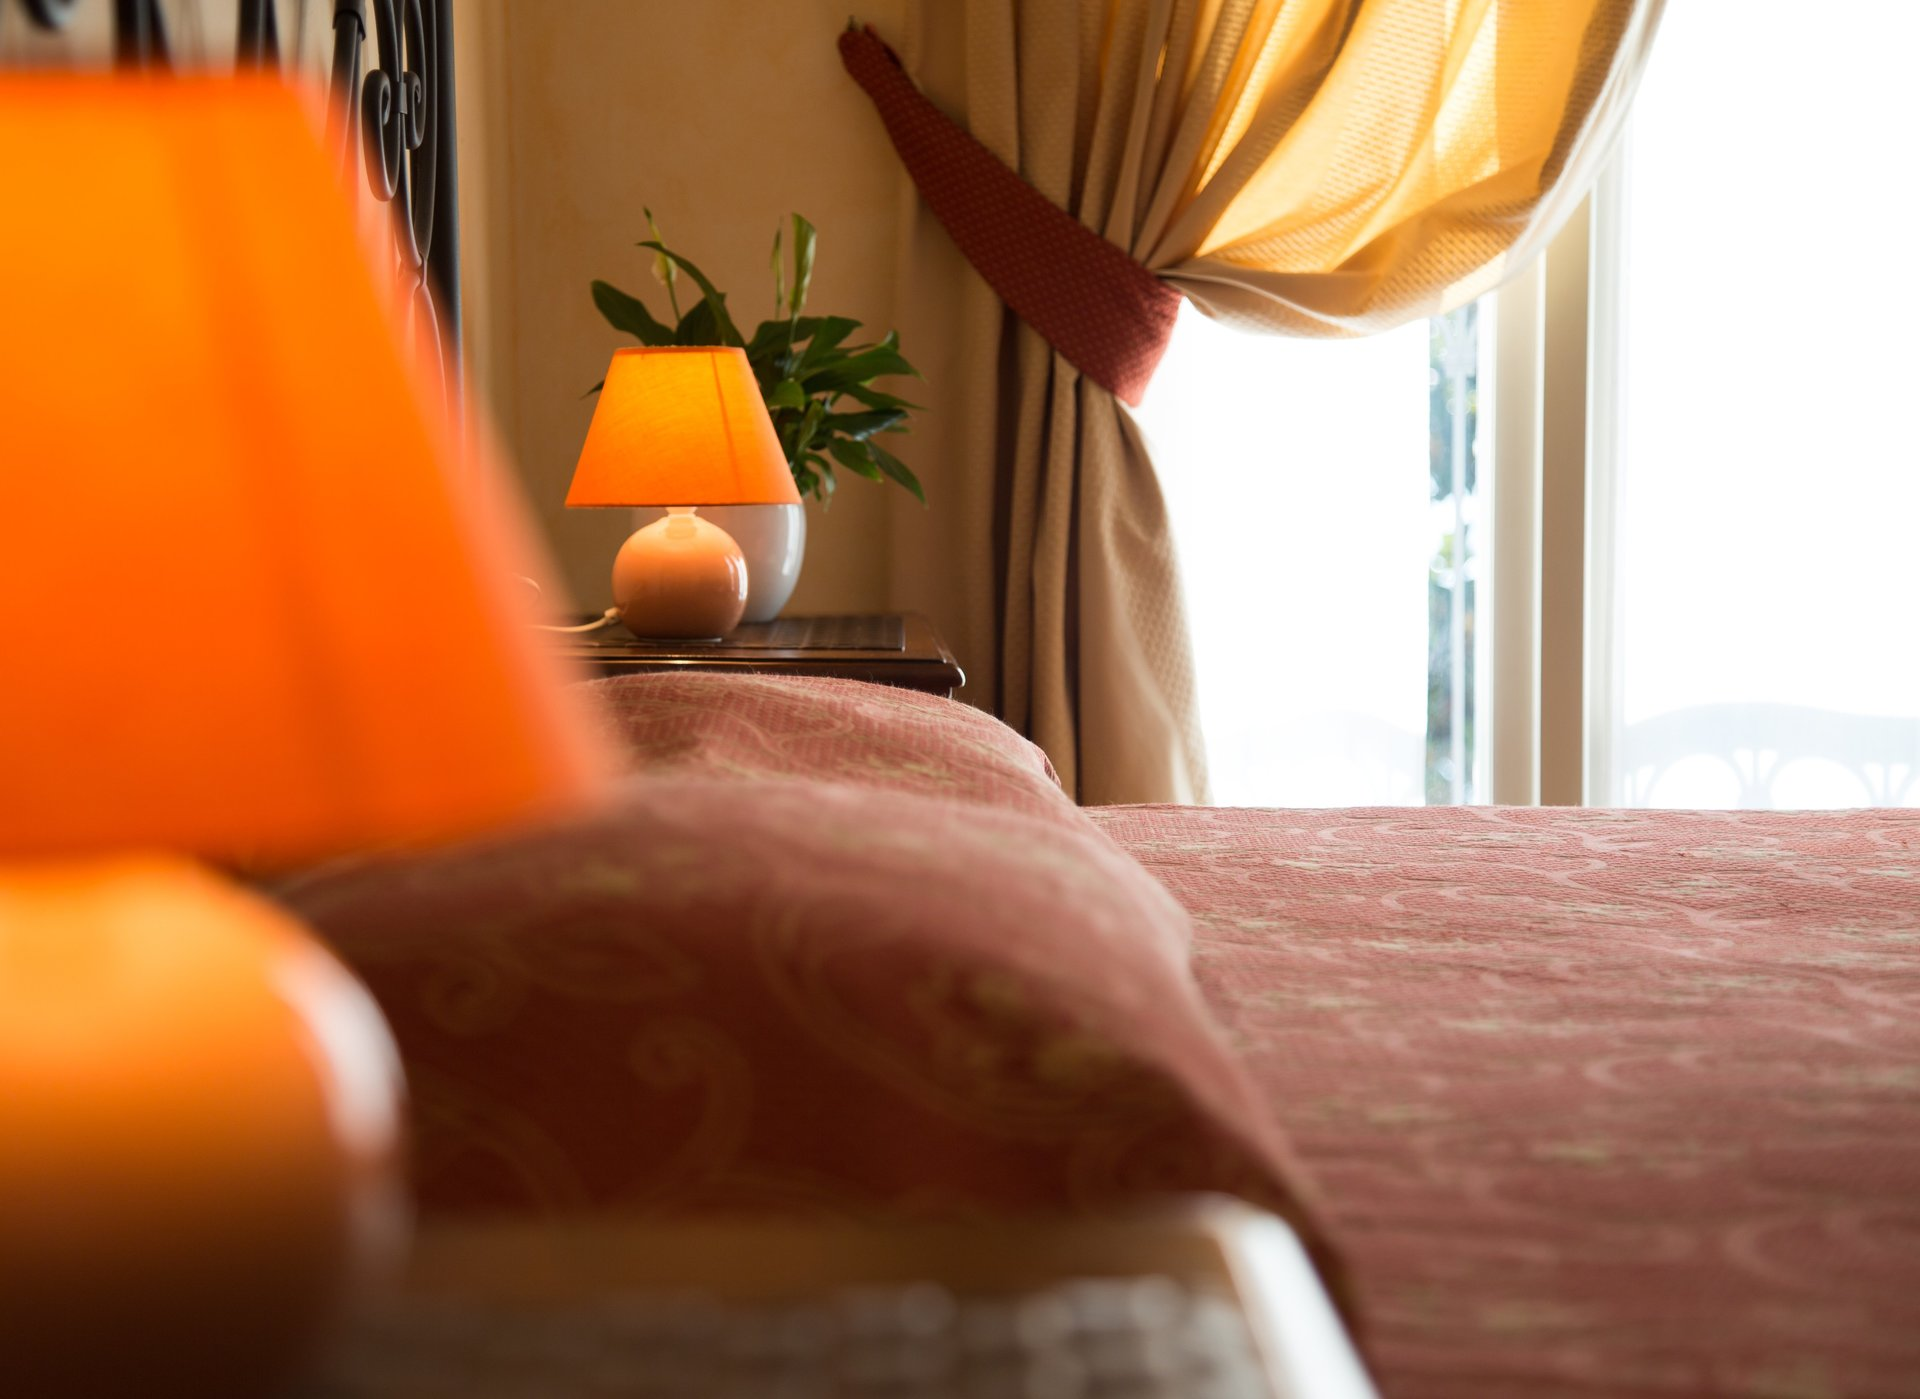 dettaglio di abat jour di stanza di albergo